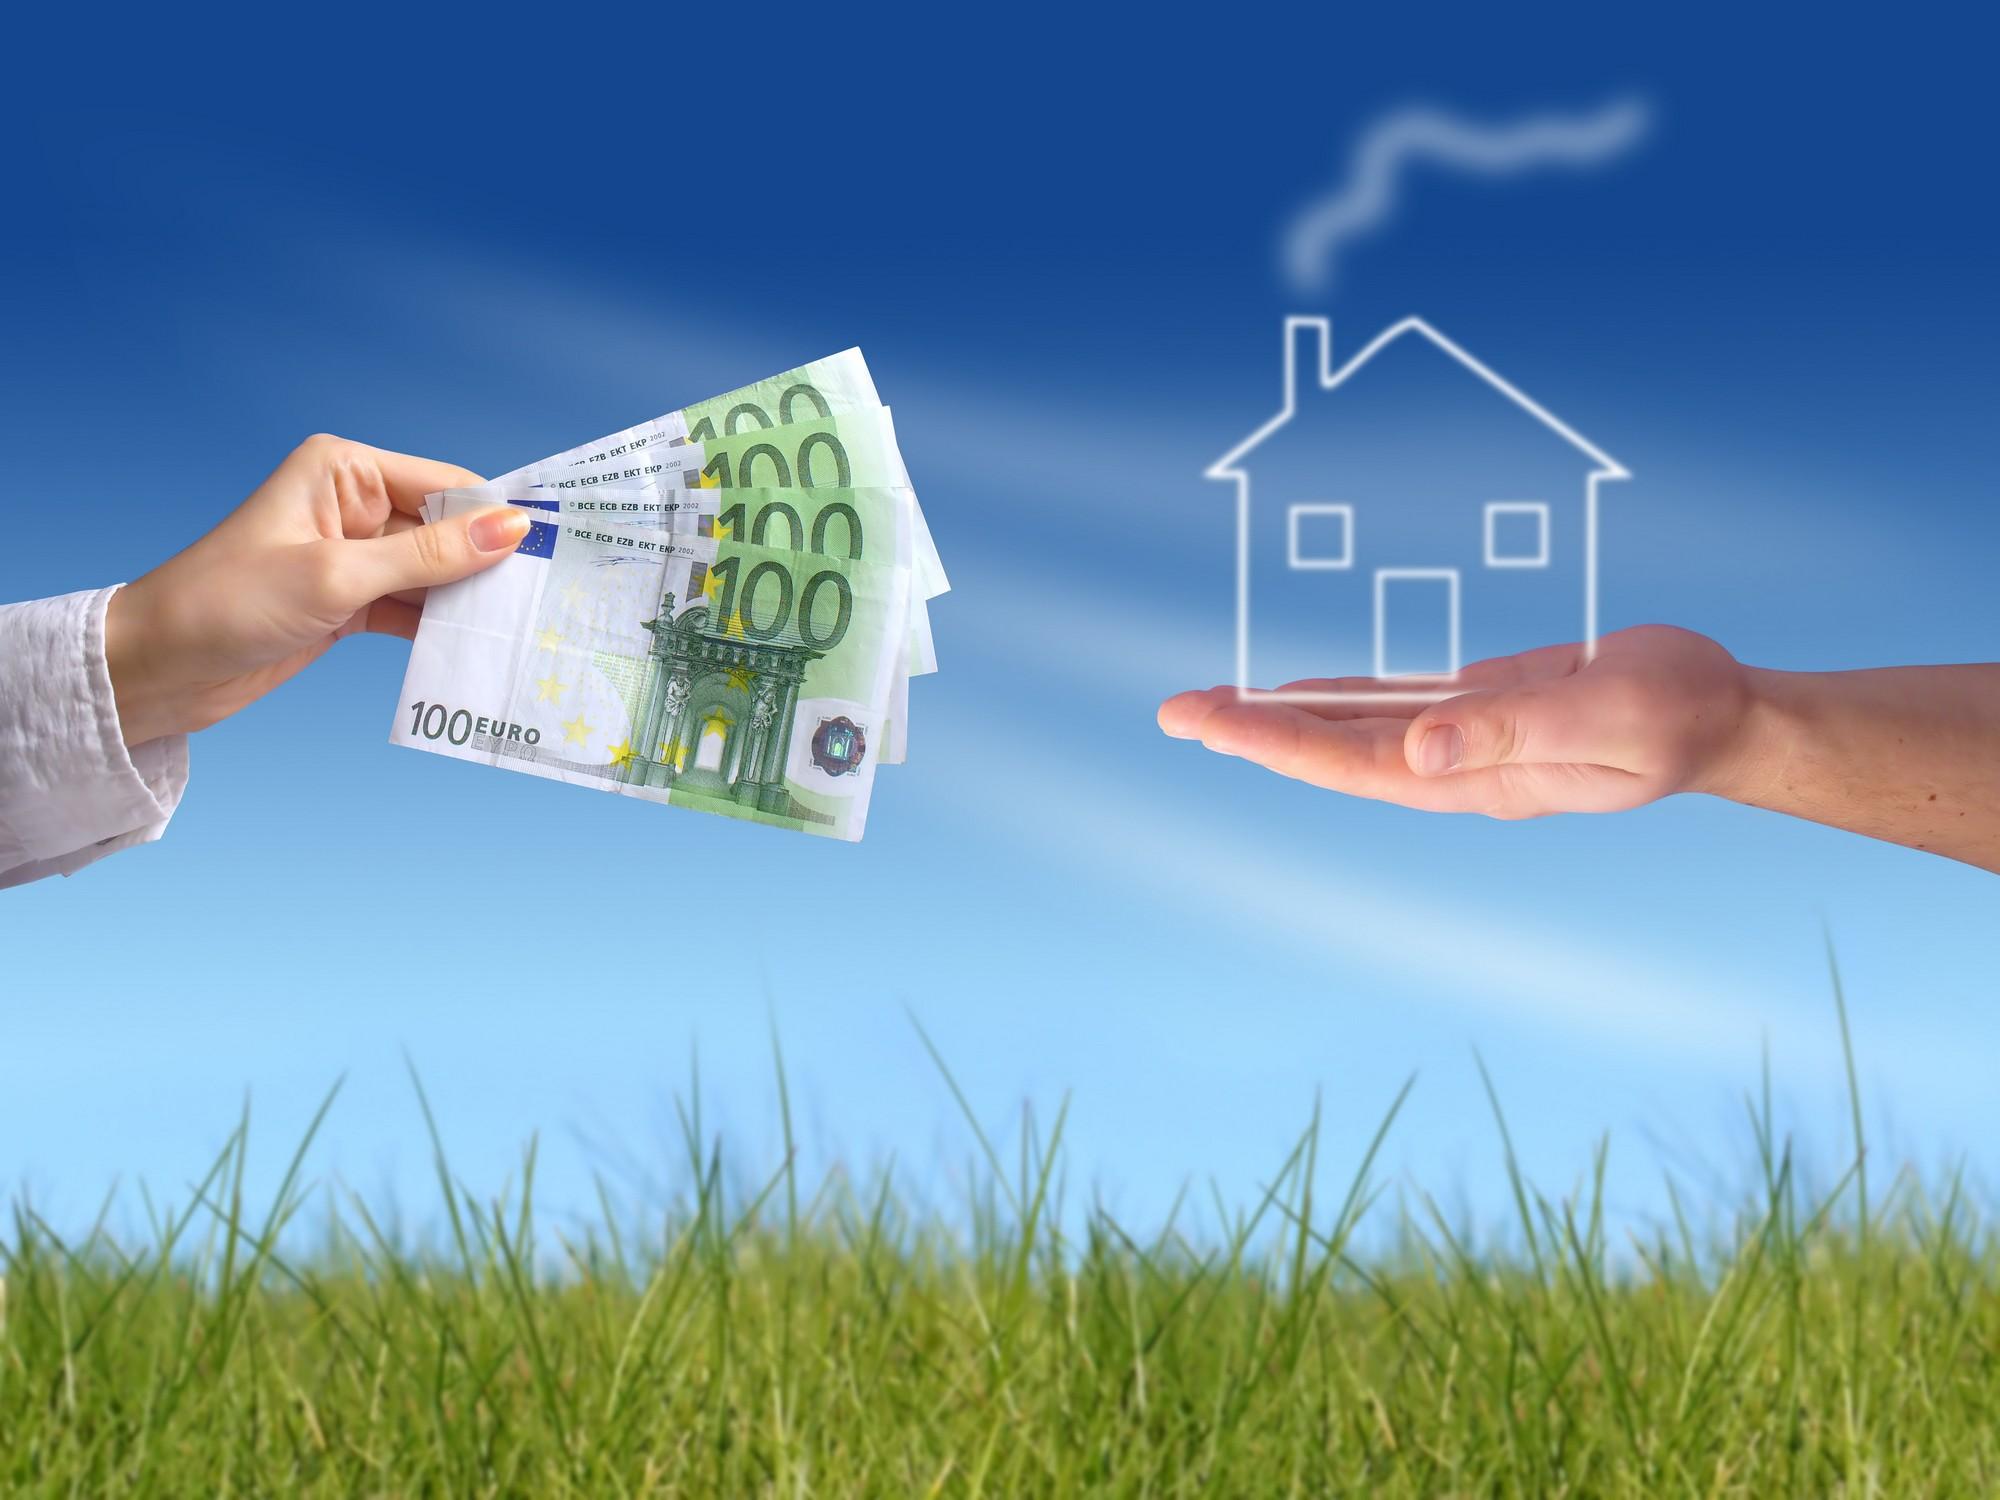 Maison à vendre : Tous mes conseils pour acheter une maison